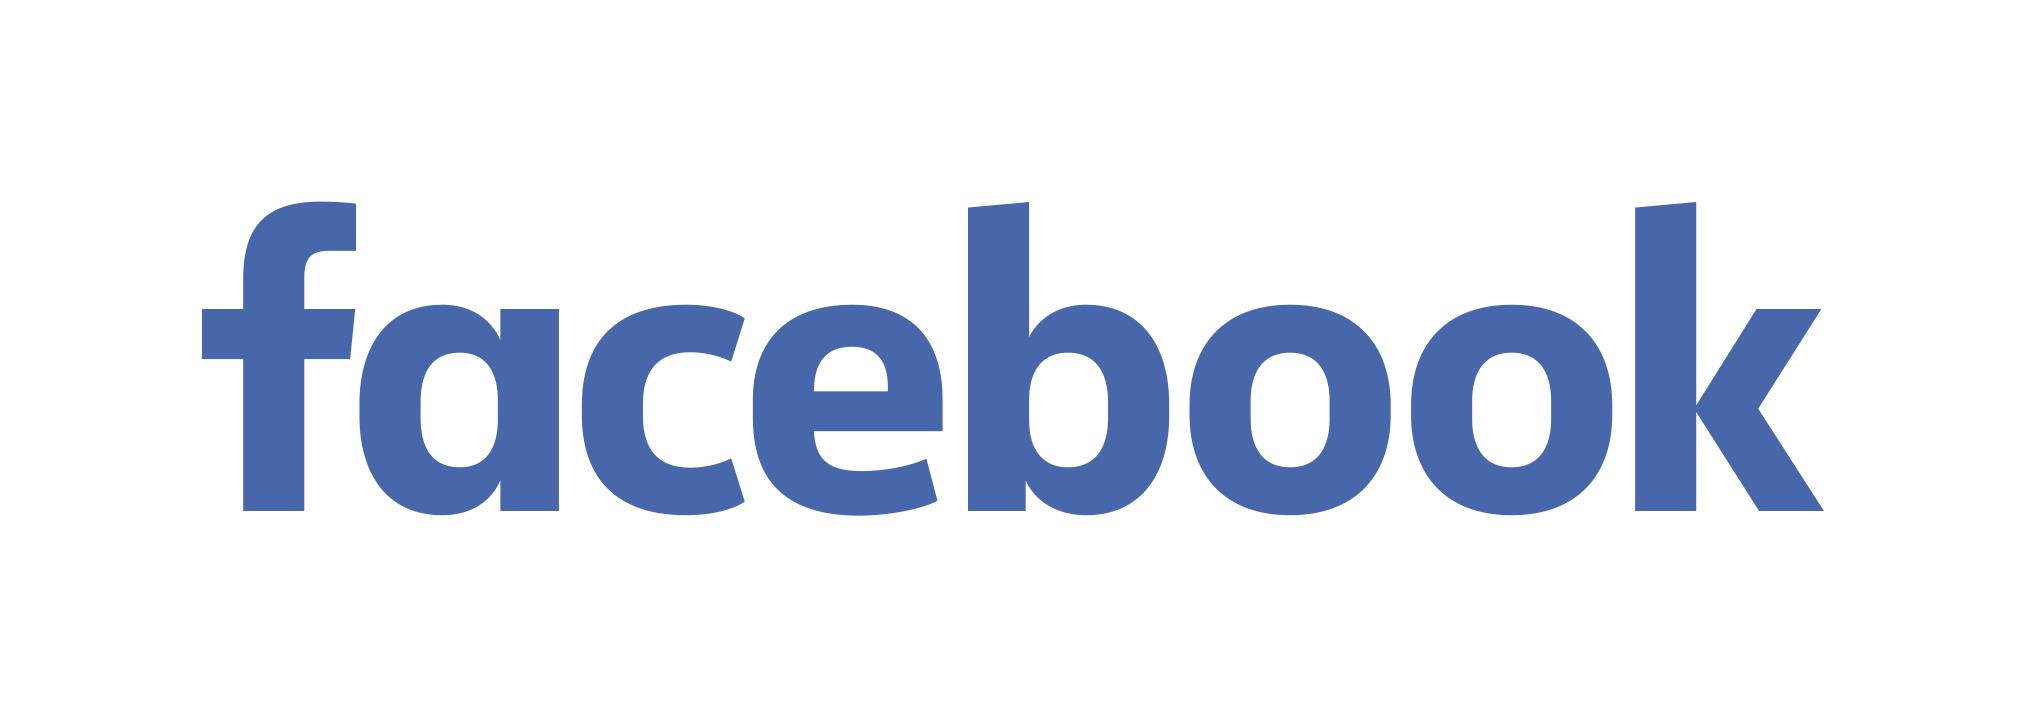 Facebook Wave Analysis – 1 July, 2020